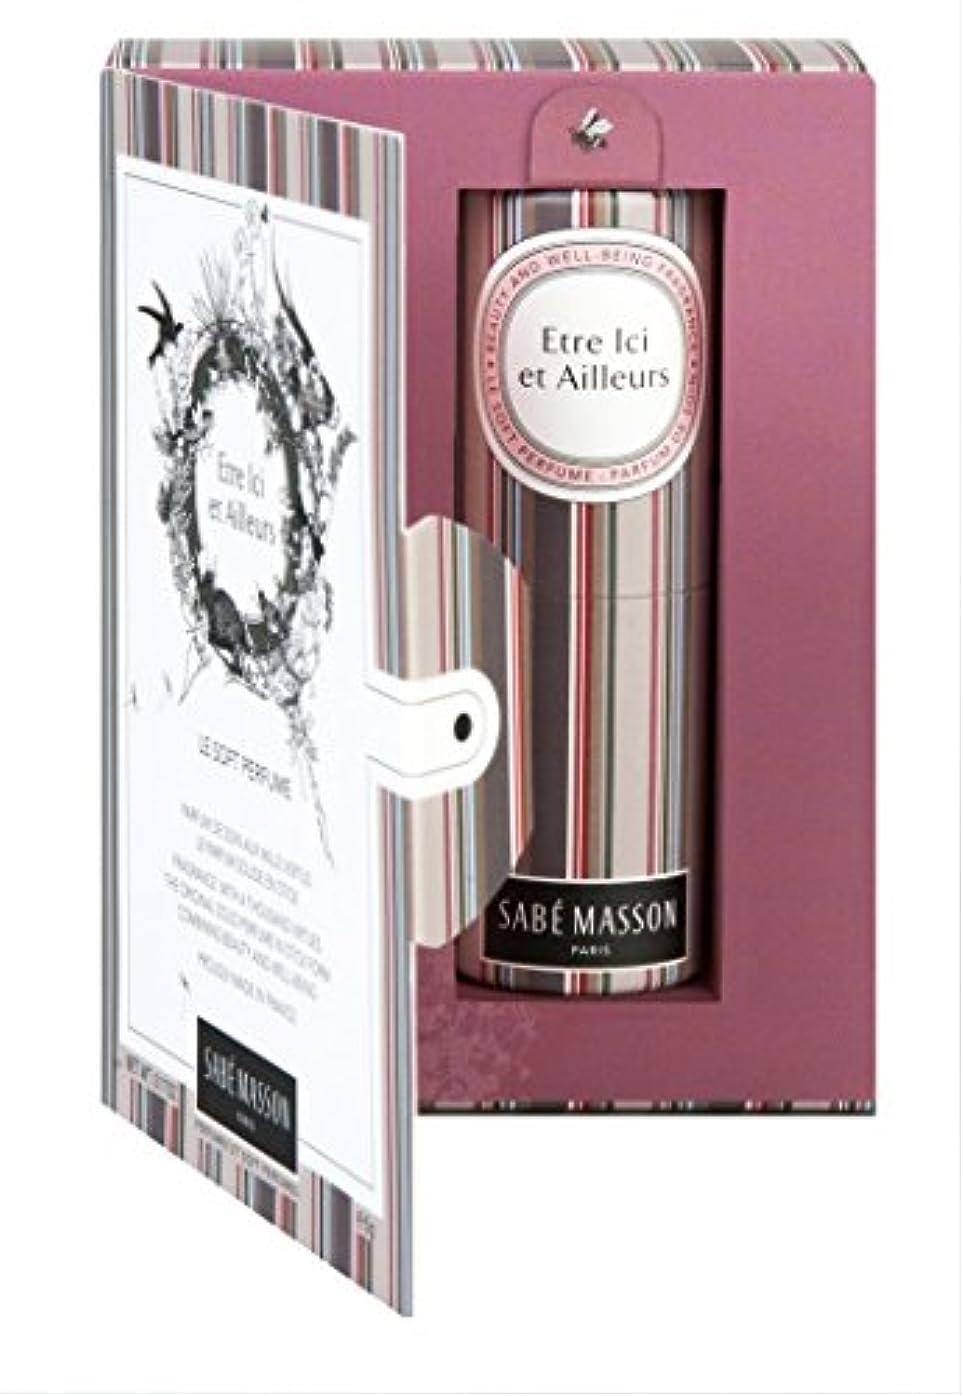 襲撃ベジタリアン安全でないサベマソン ソフトパフューム エートルイッシエアリュール 5g(練り香水 アルコールフリー キンモクセイが香るパウダリーなプレシャスウッドの香り)